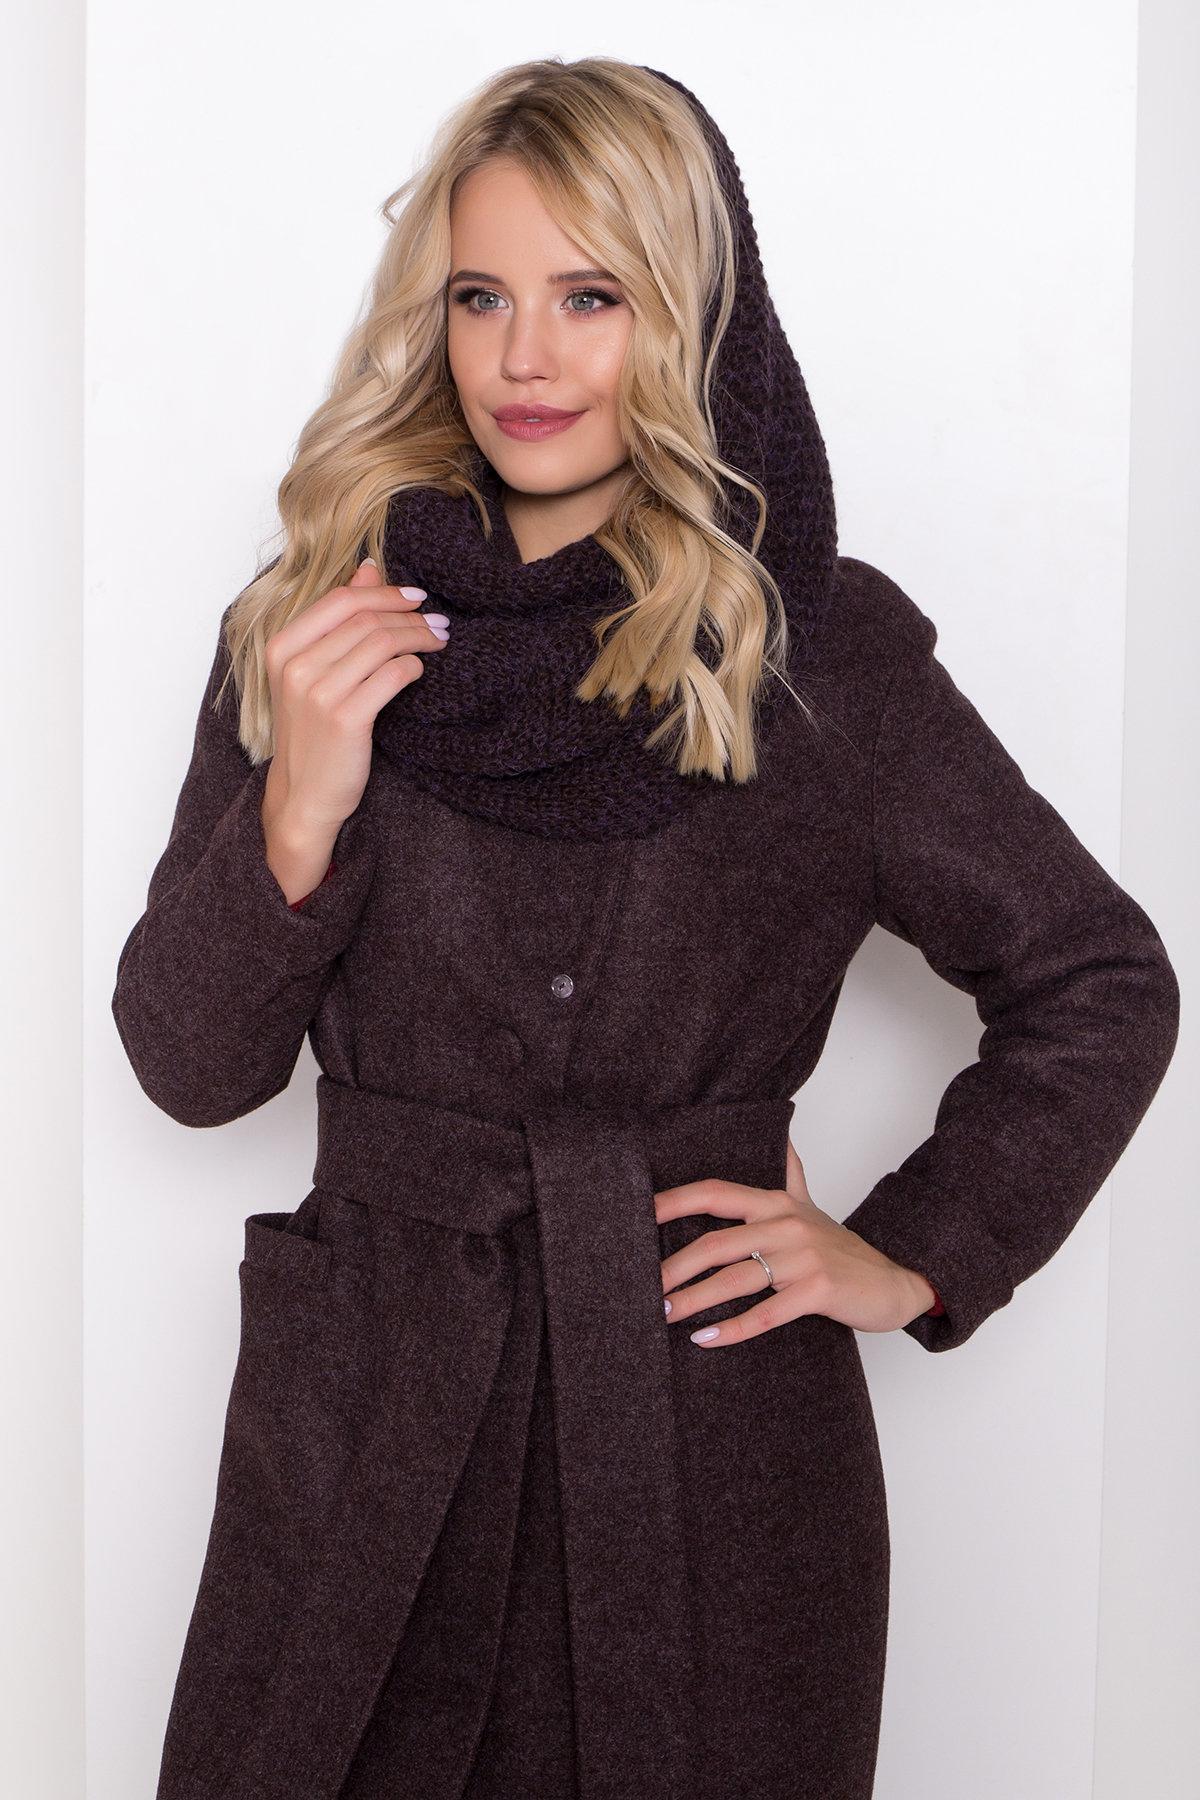 Длинное пальто зима Вива макси 8341 АРТ. 44495 Цвет: Шоколад 7 - фото 16, интернет магазин tm-modus.ru